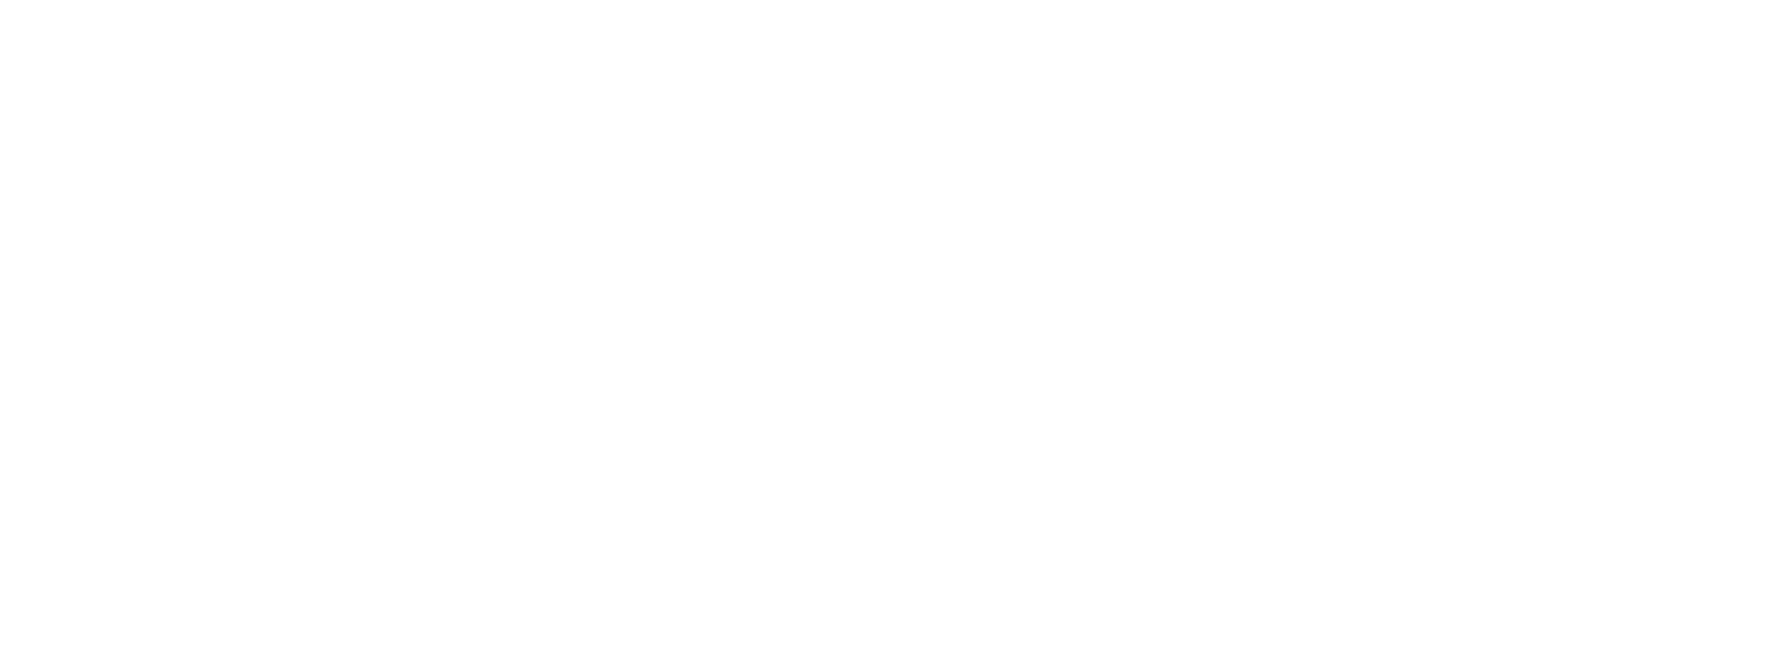 dubai-design-logo-single